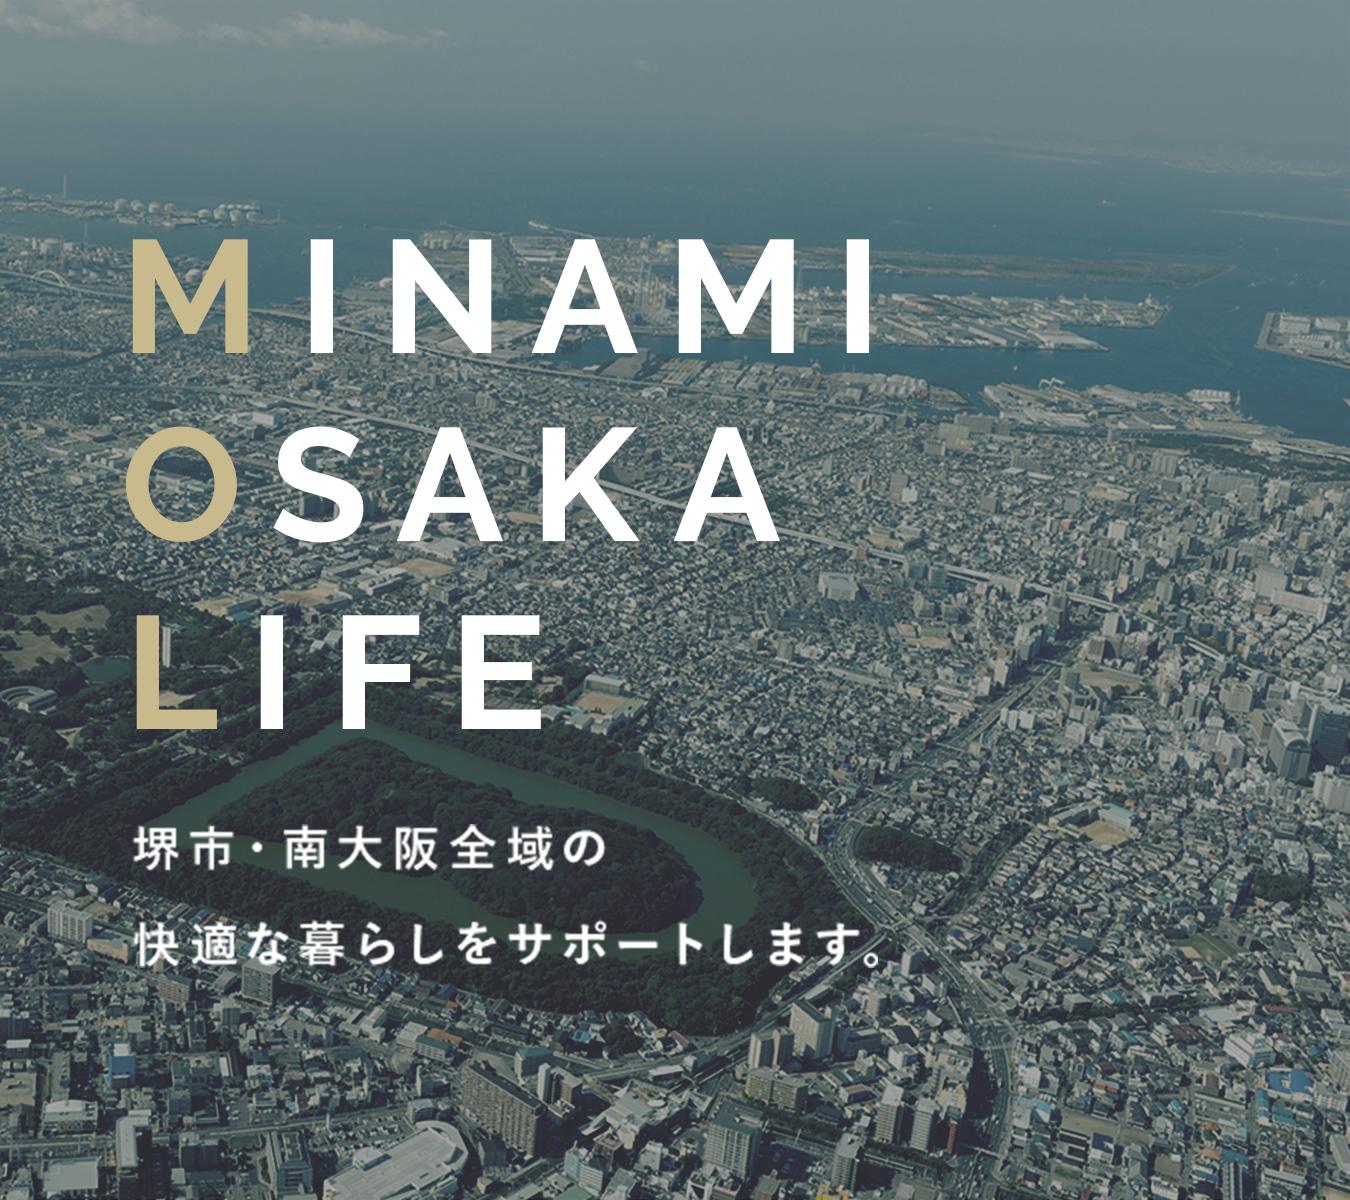 堺市・南大阪全域の快適な暮らしをサポートします